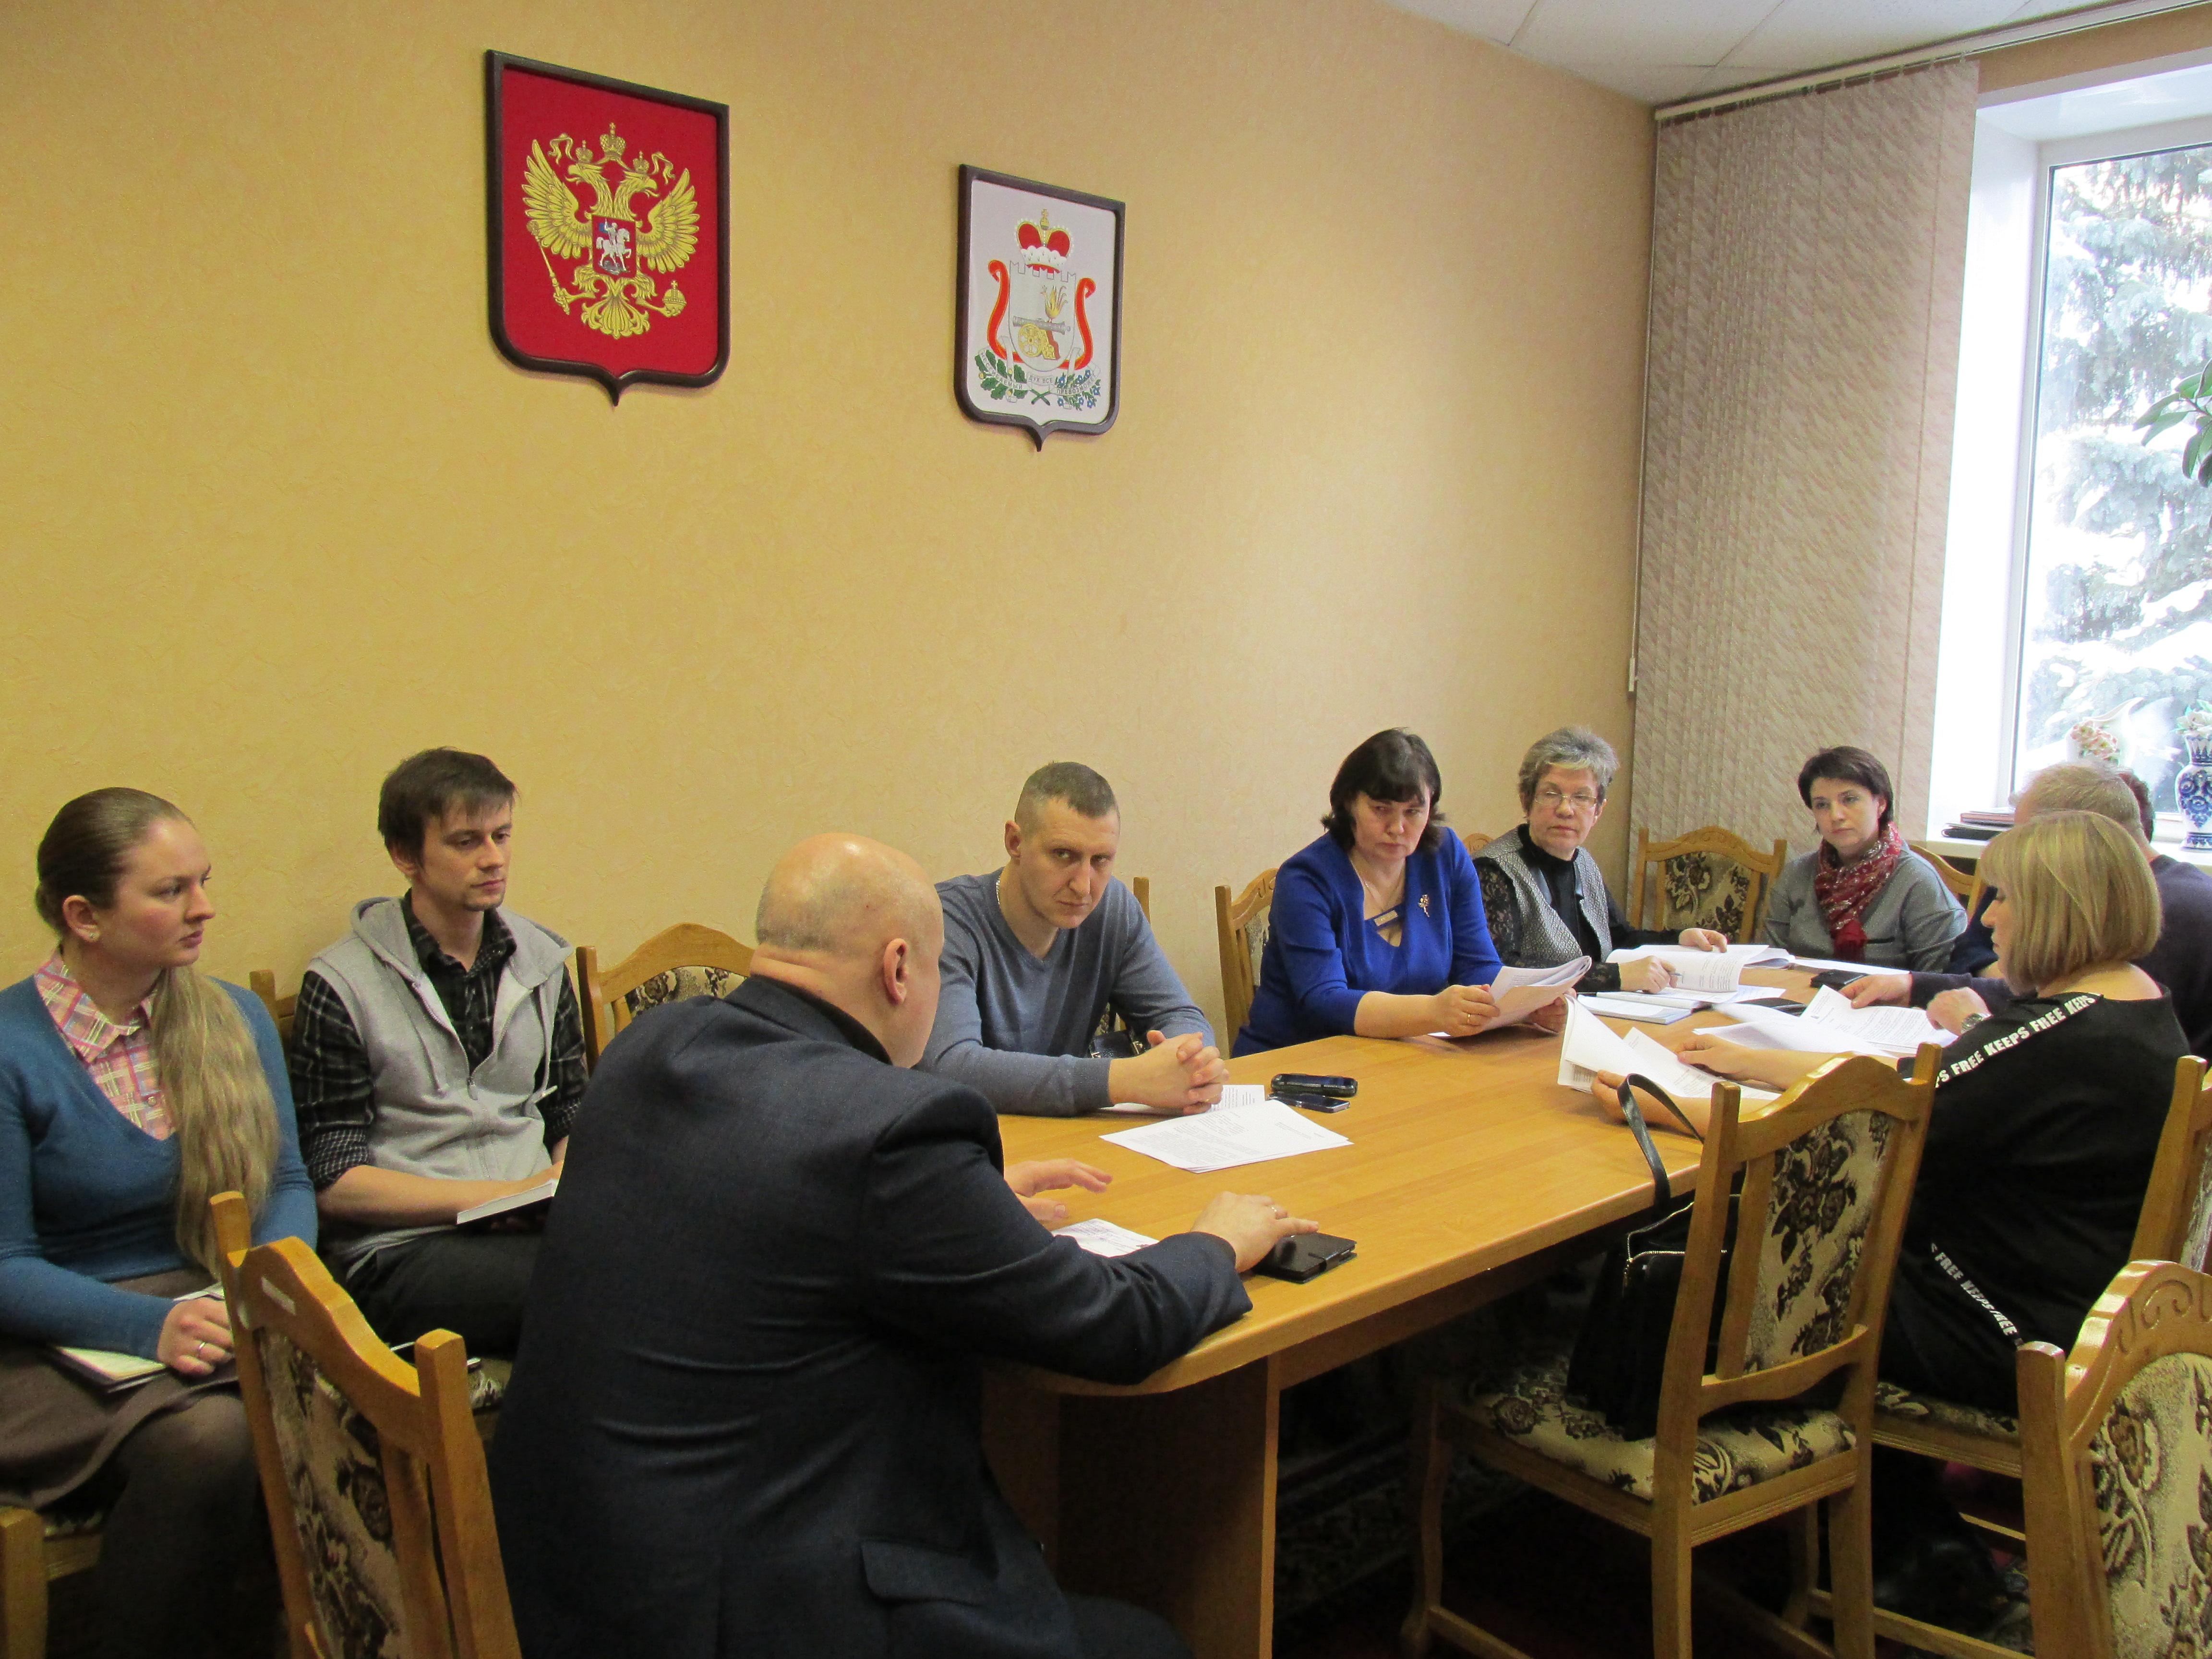 Заседание постоянной комиссии по законности, правопорядку и контролю органов местного самоуправления